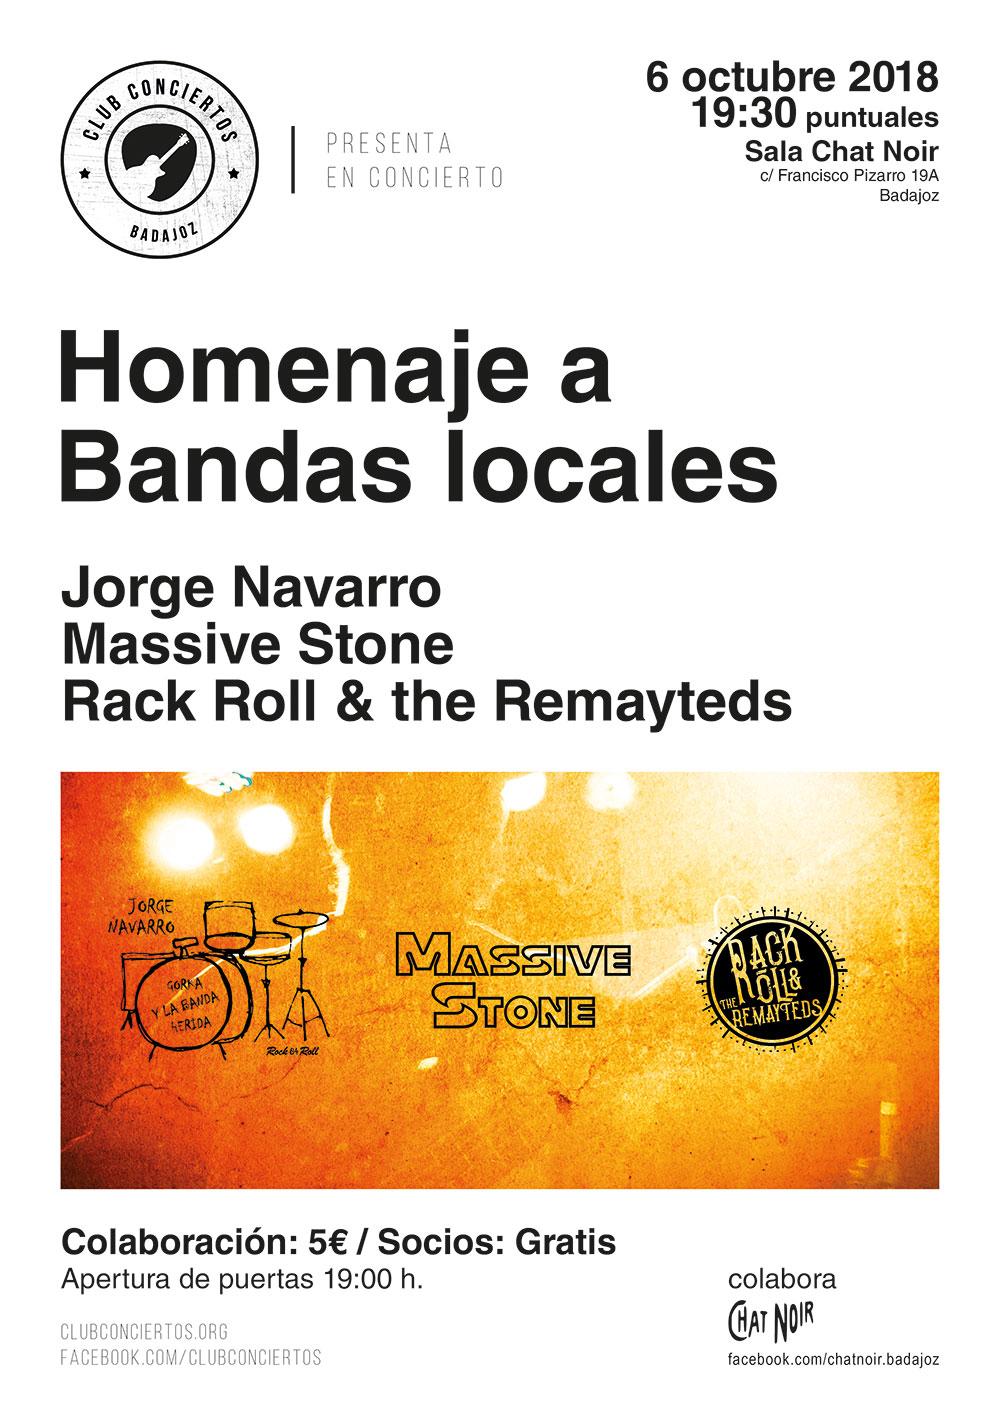 Concierto Homenaje a bandas locales. Chat Noir, 6 de octubre.